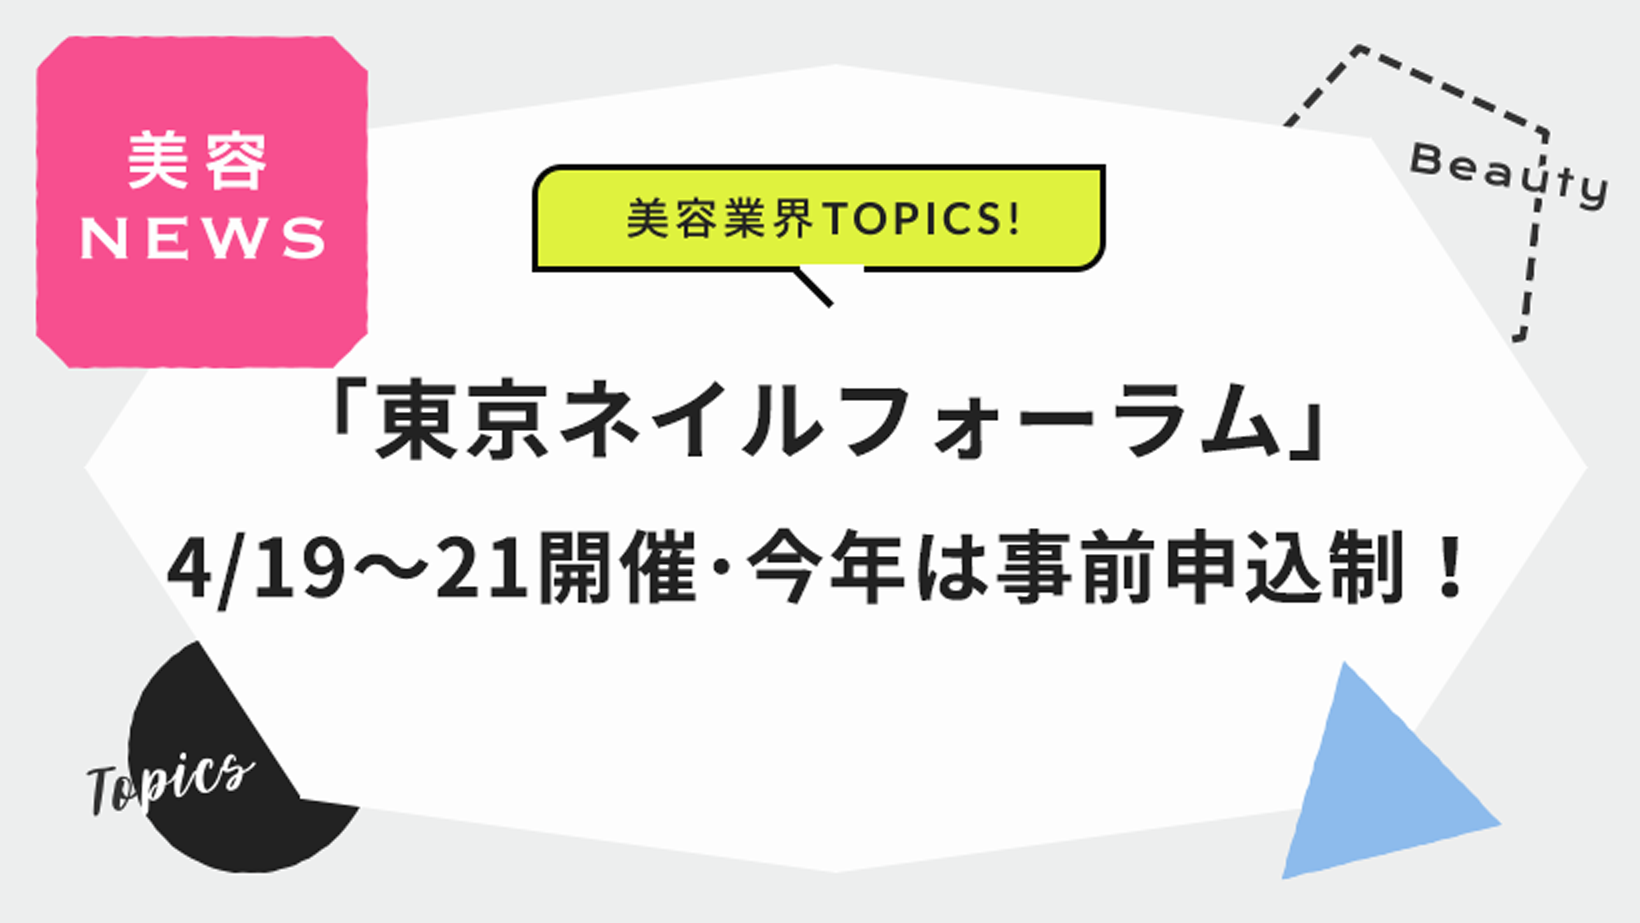 「東京ネイルフォーラム」今年は事前申込制!